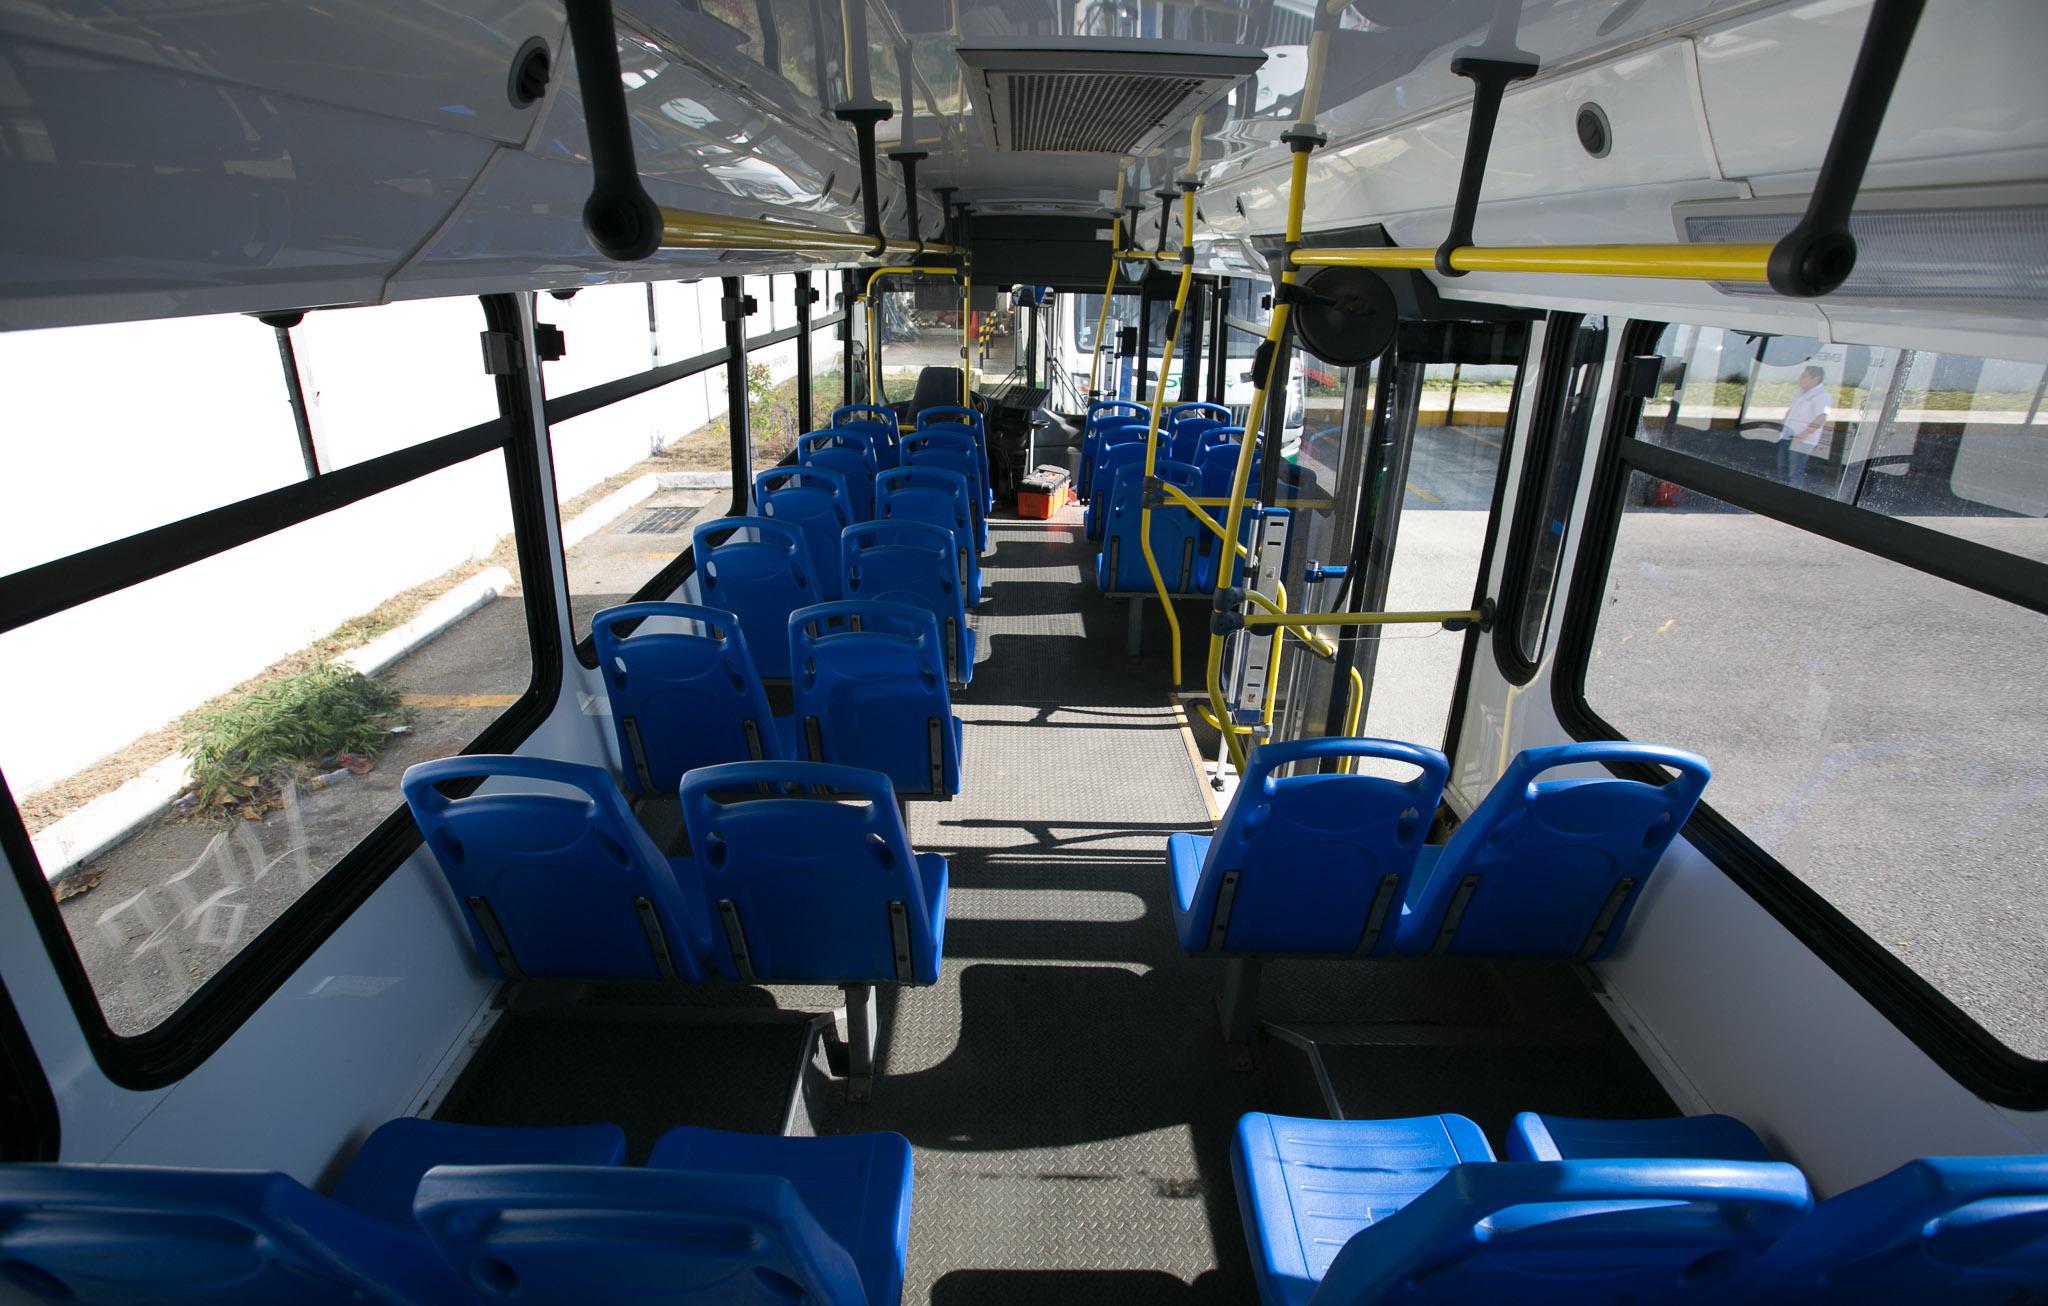 Subirá 1 peso boleto de transporte urbano en Mérida